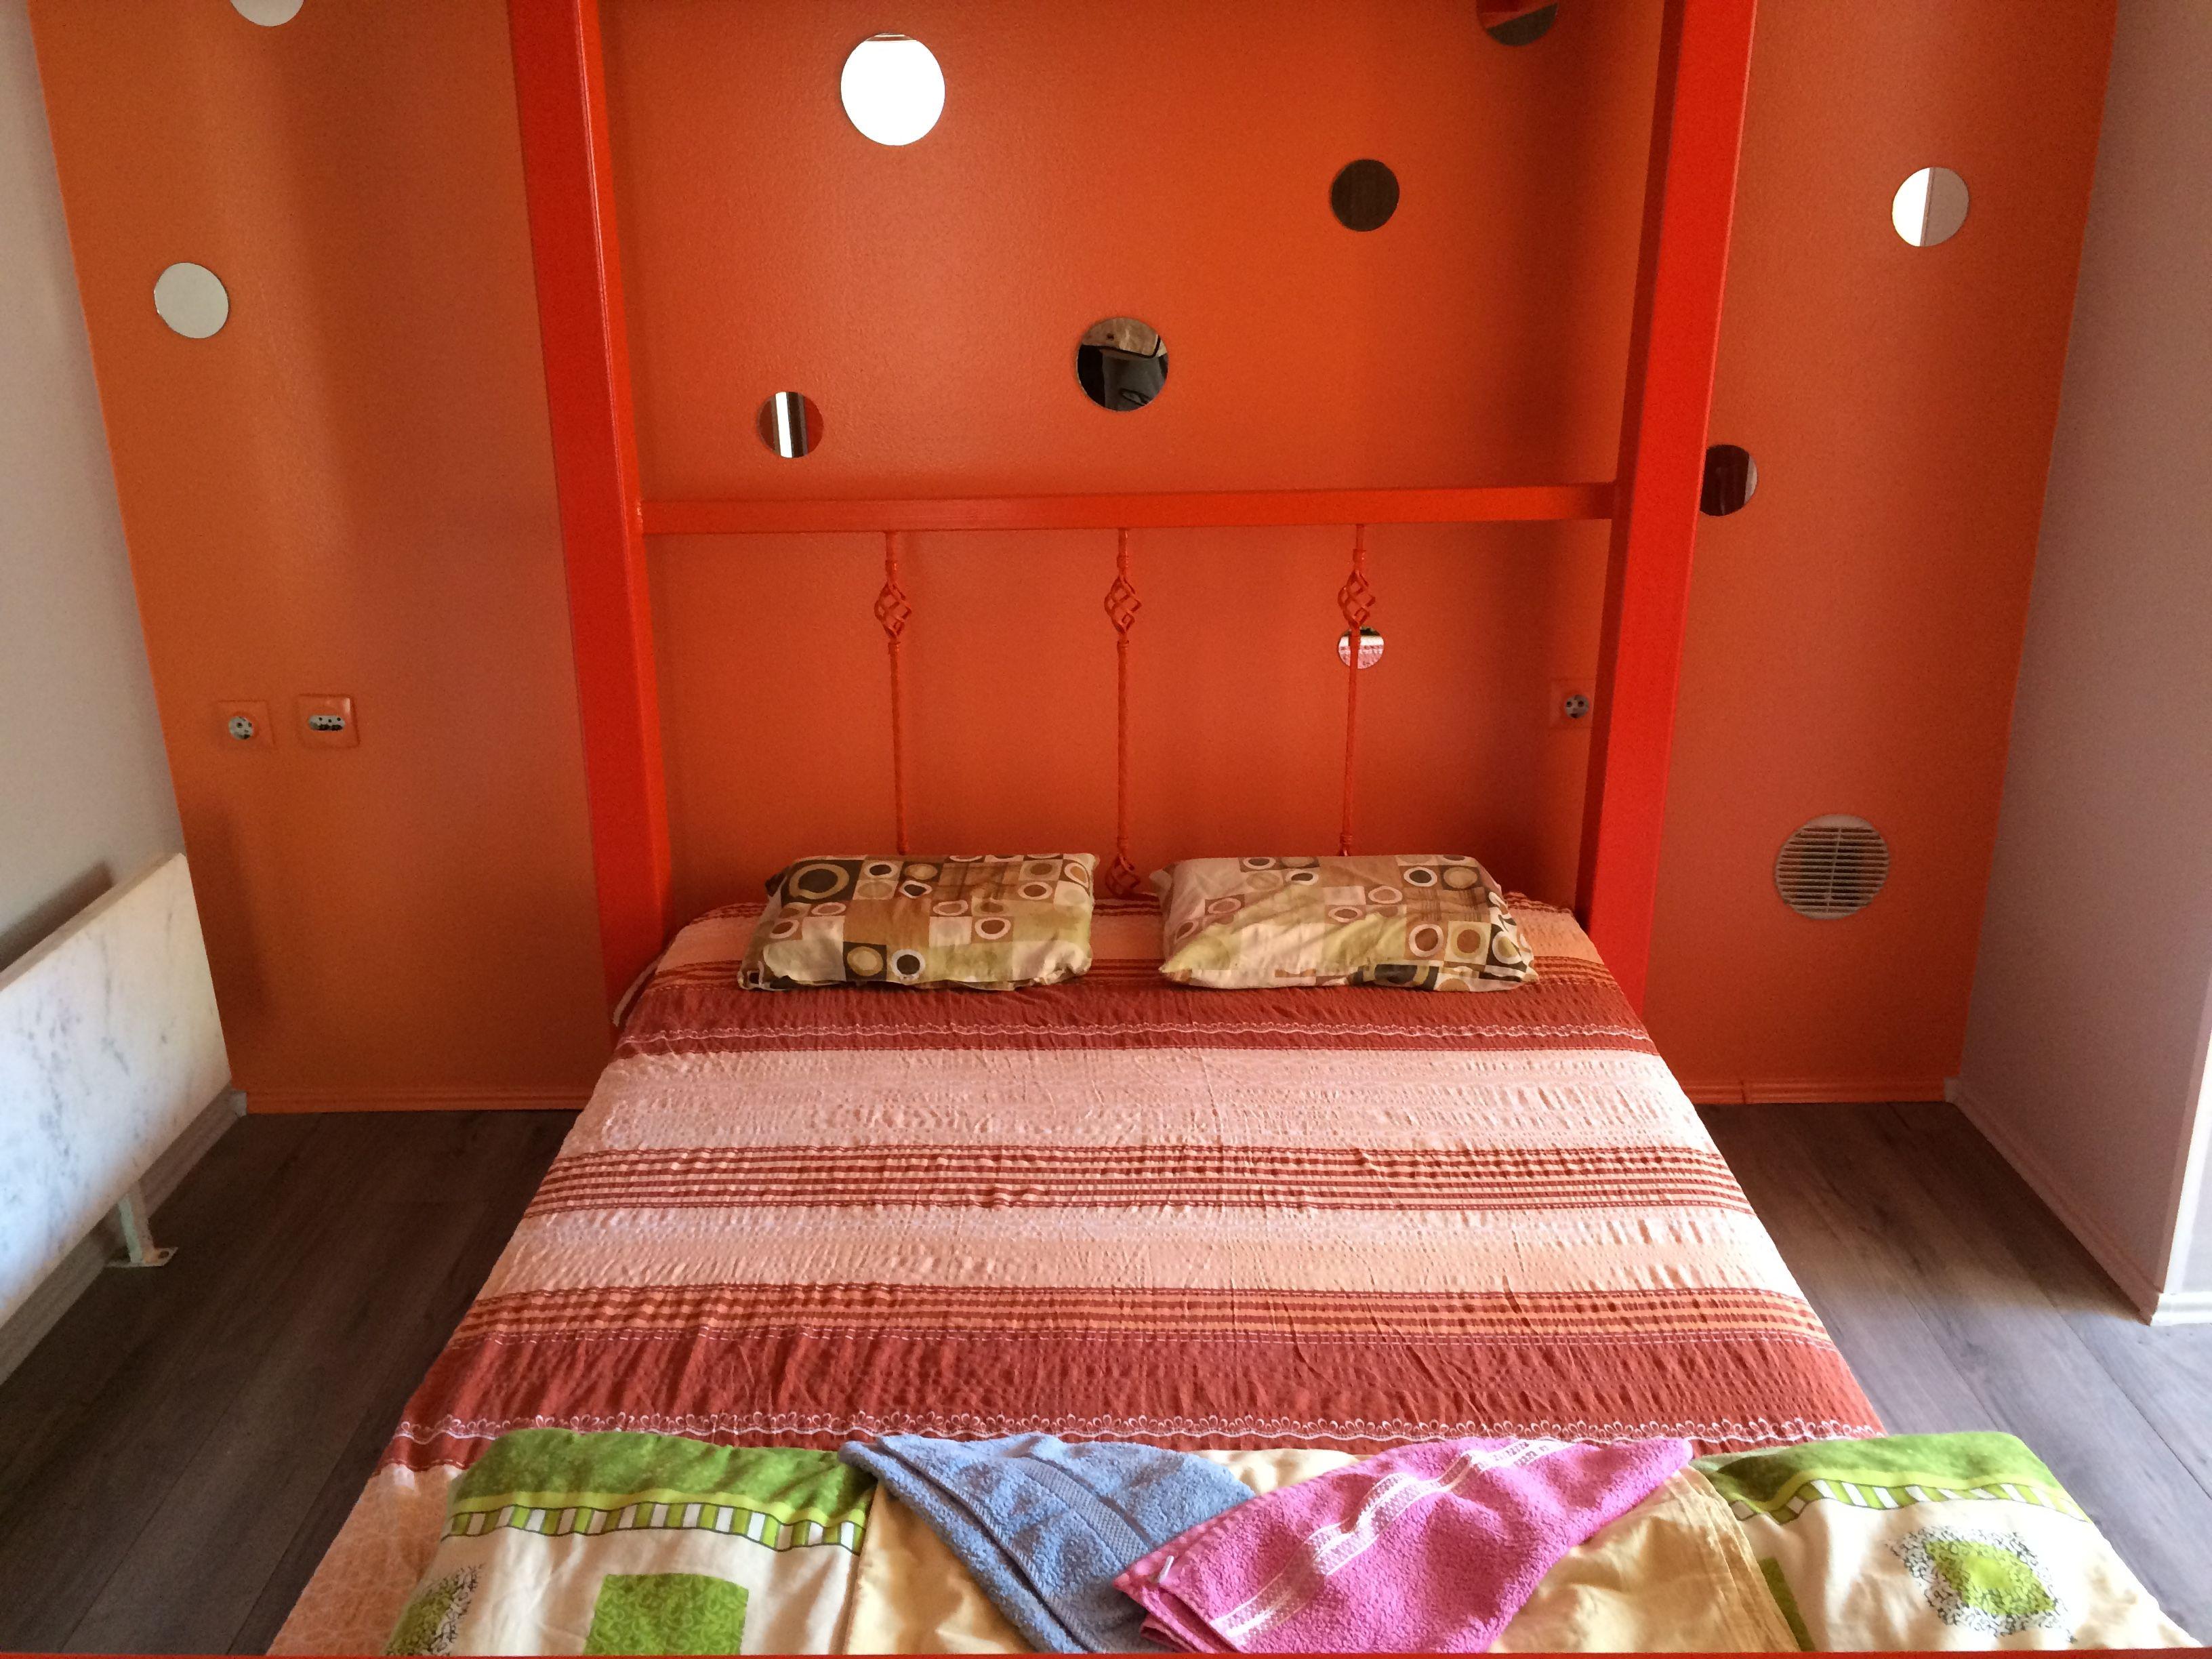 Home decor, Furniture, Decor